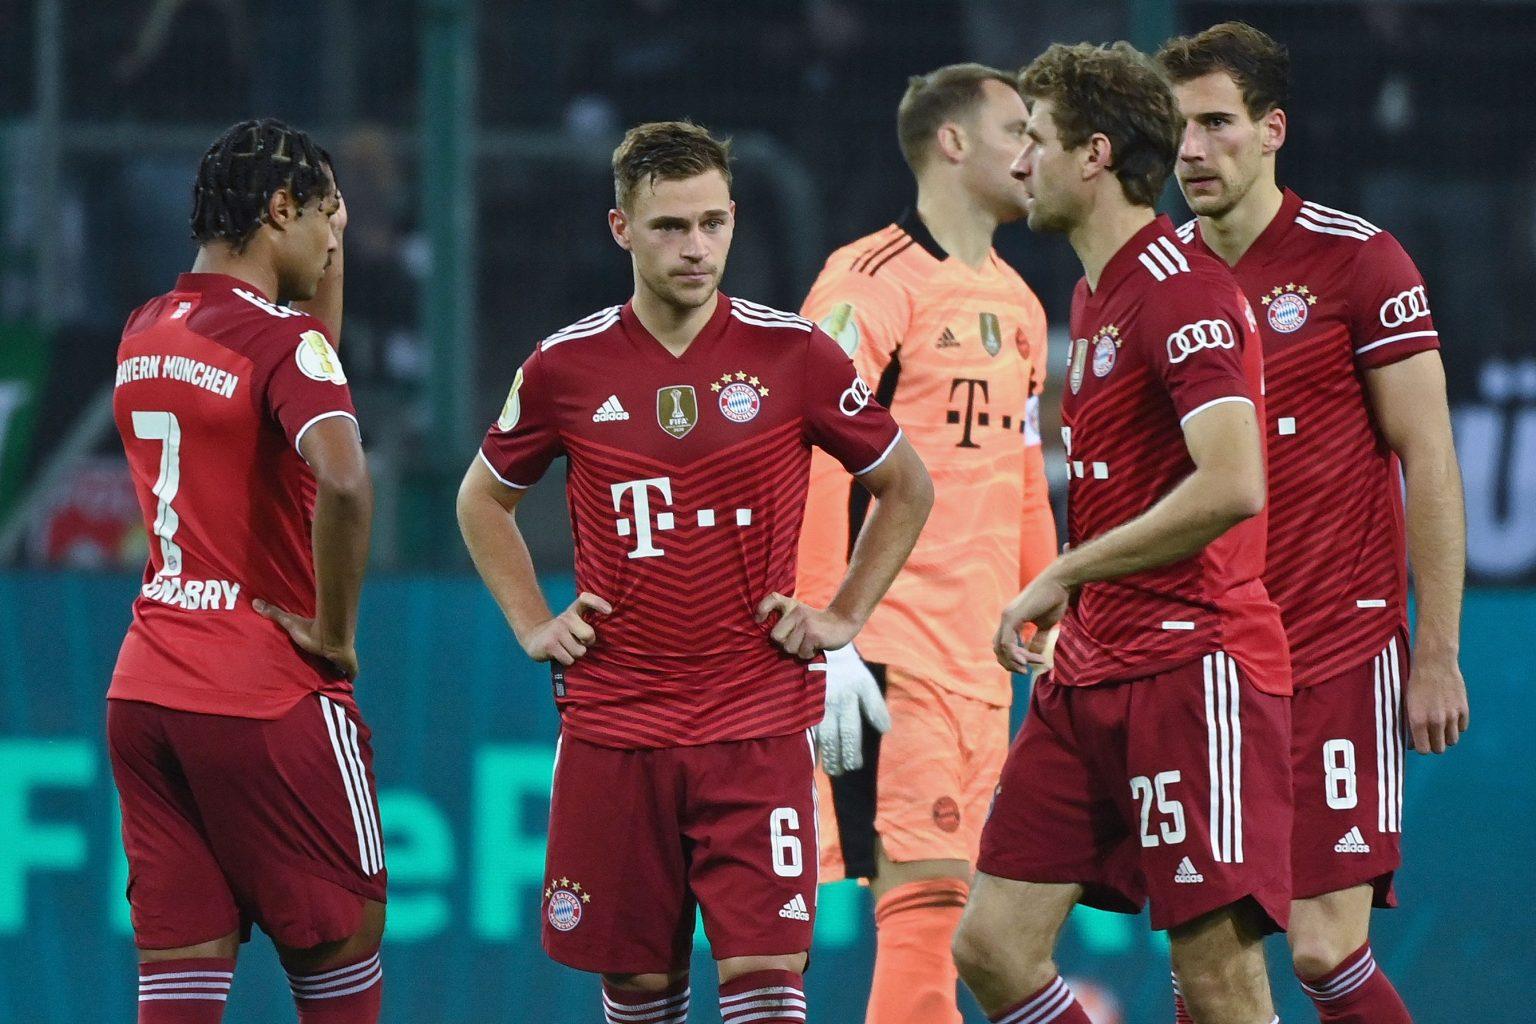 Foto: Rușine istorică pentru Bayern Munchen, învinsă cu 5-0